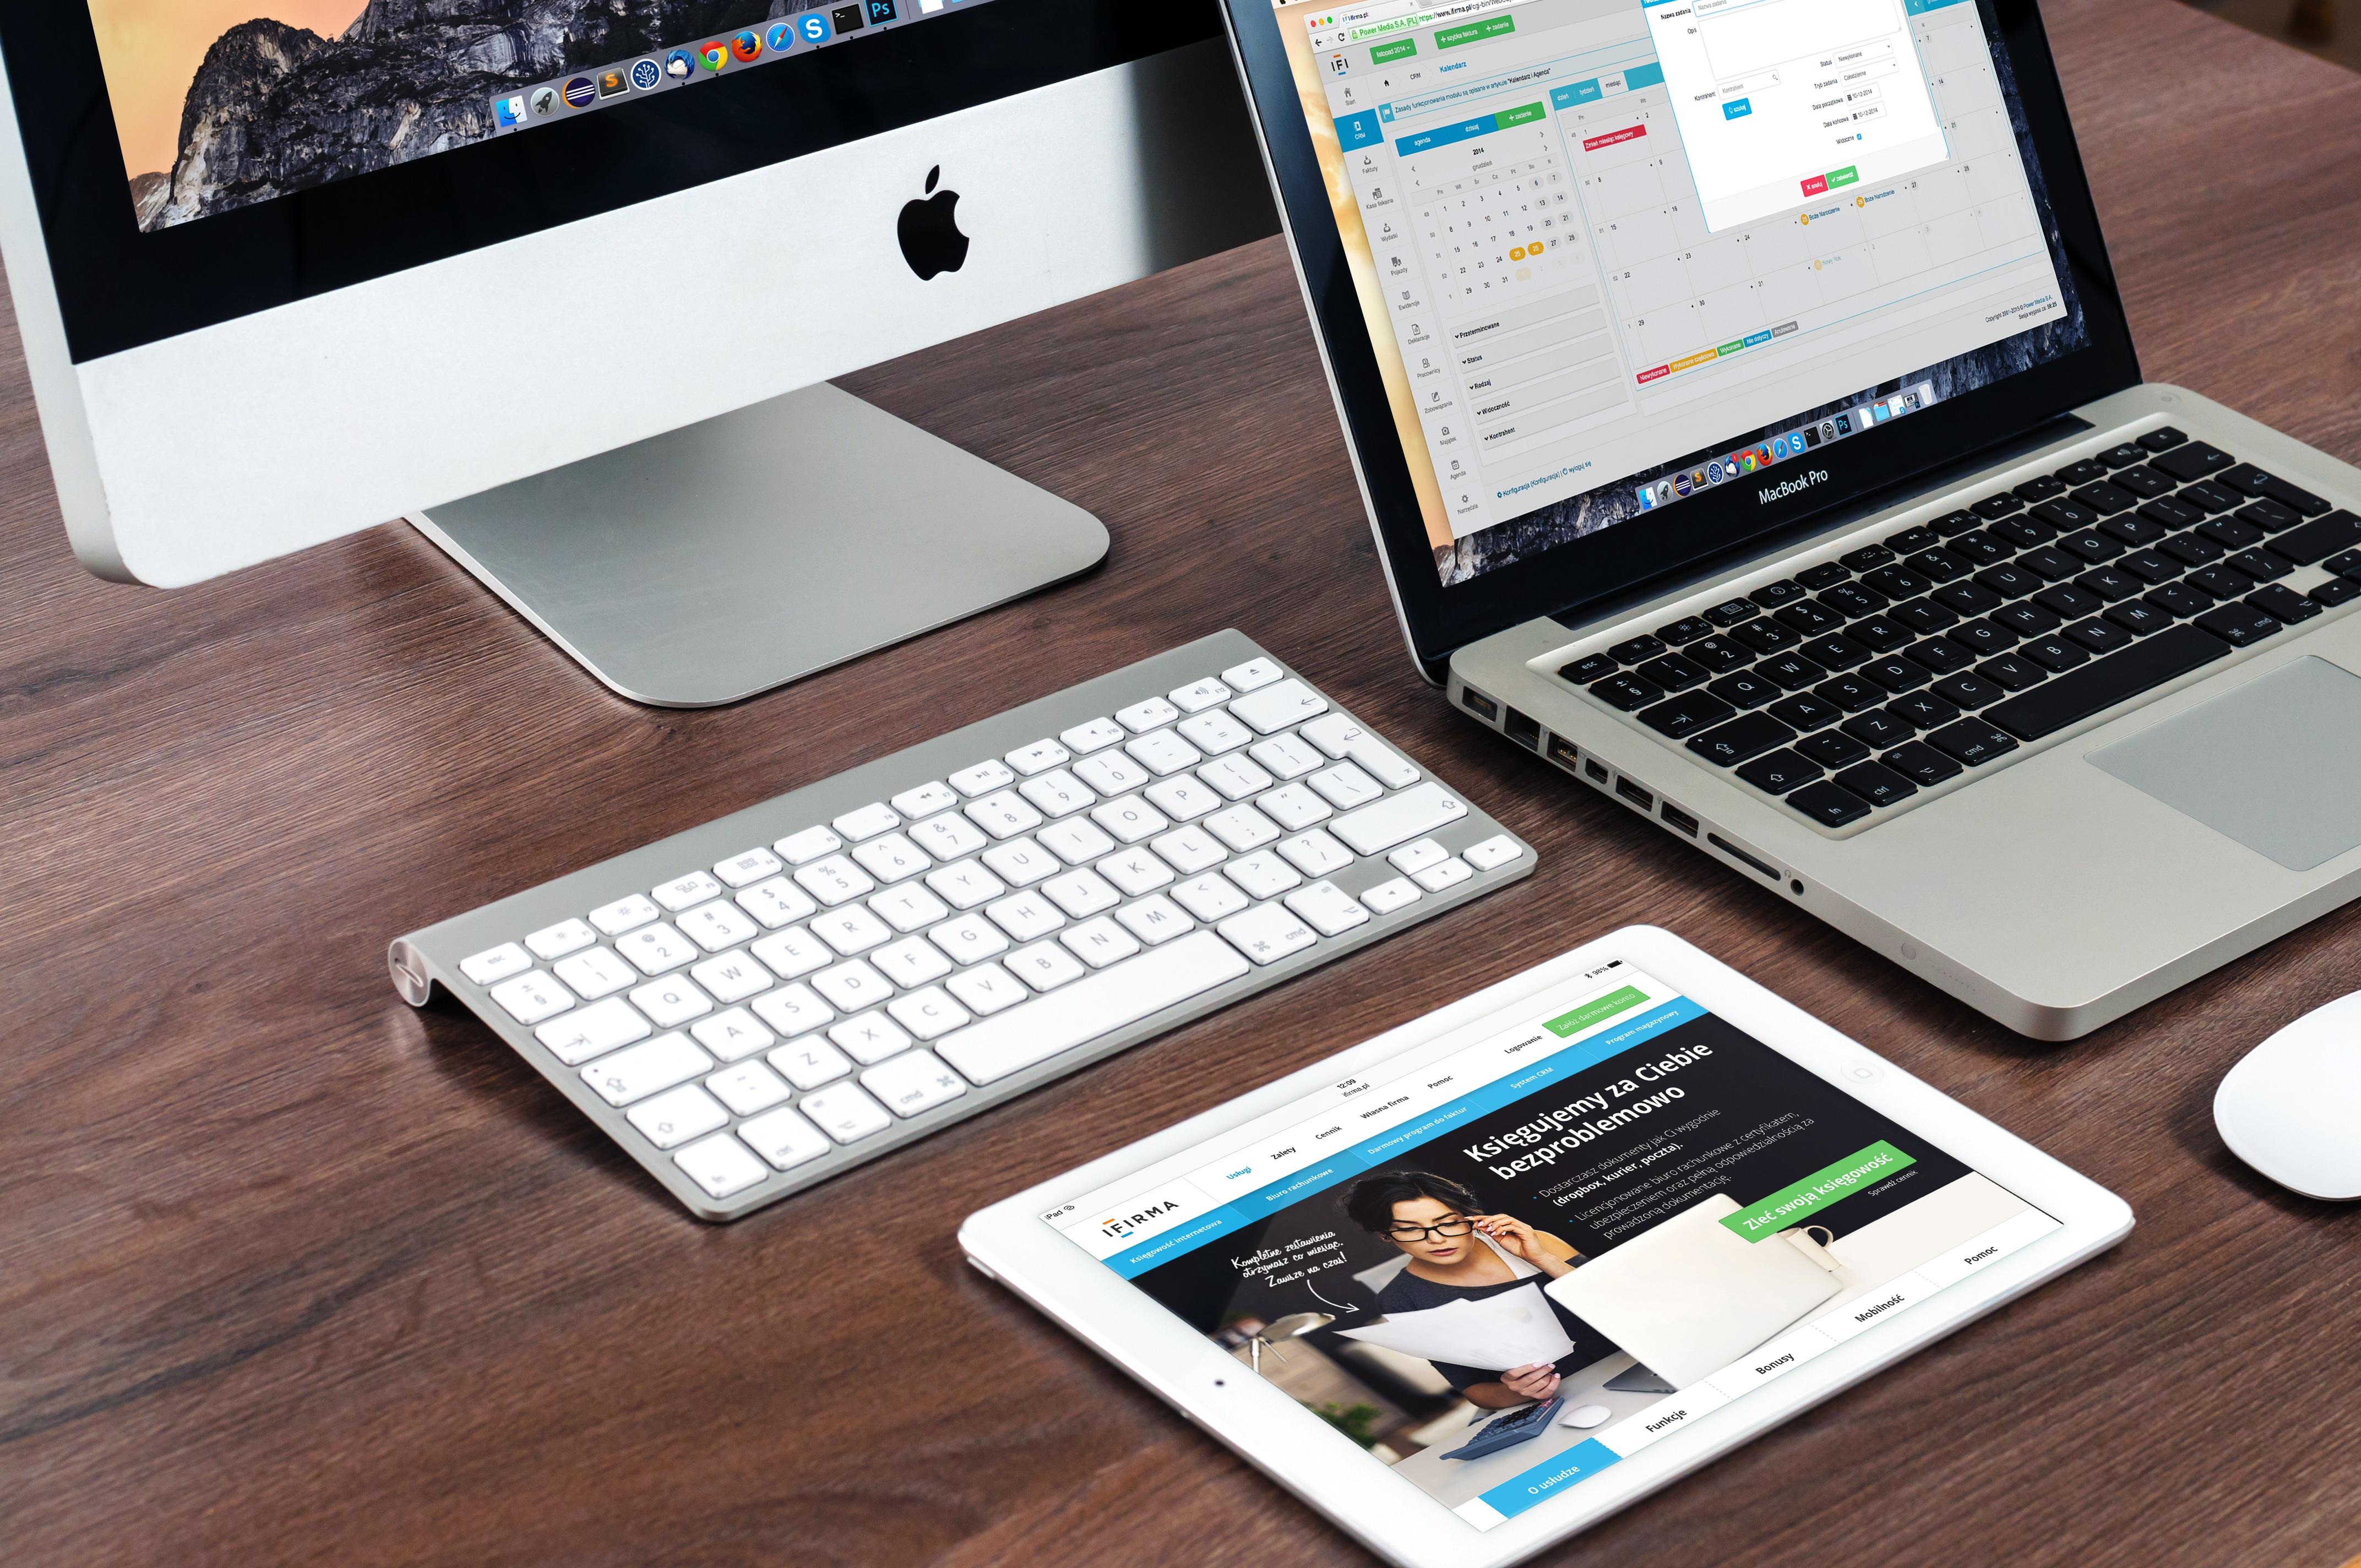 Le commercial 2.0: Les outils au cœur de la performance et de l'attractivité des entreprises